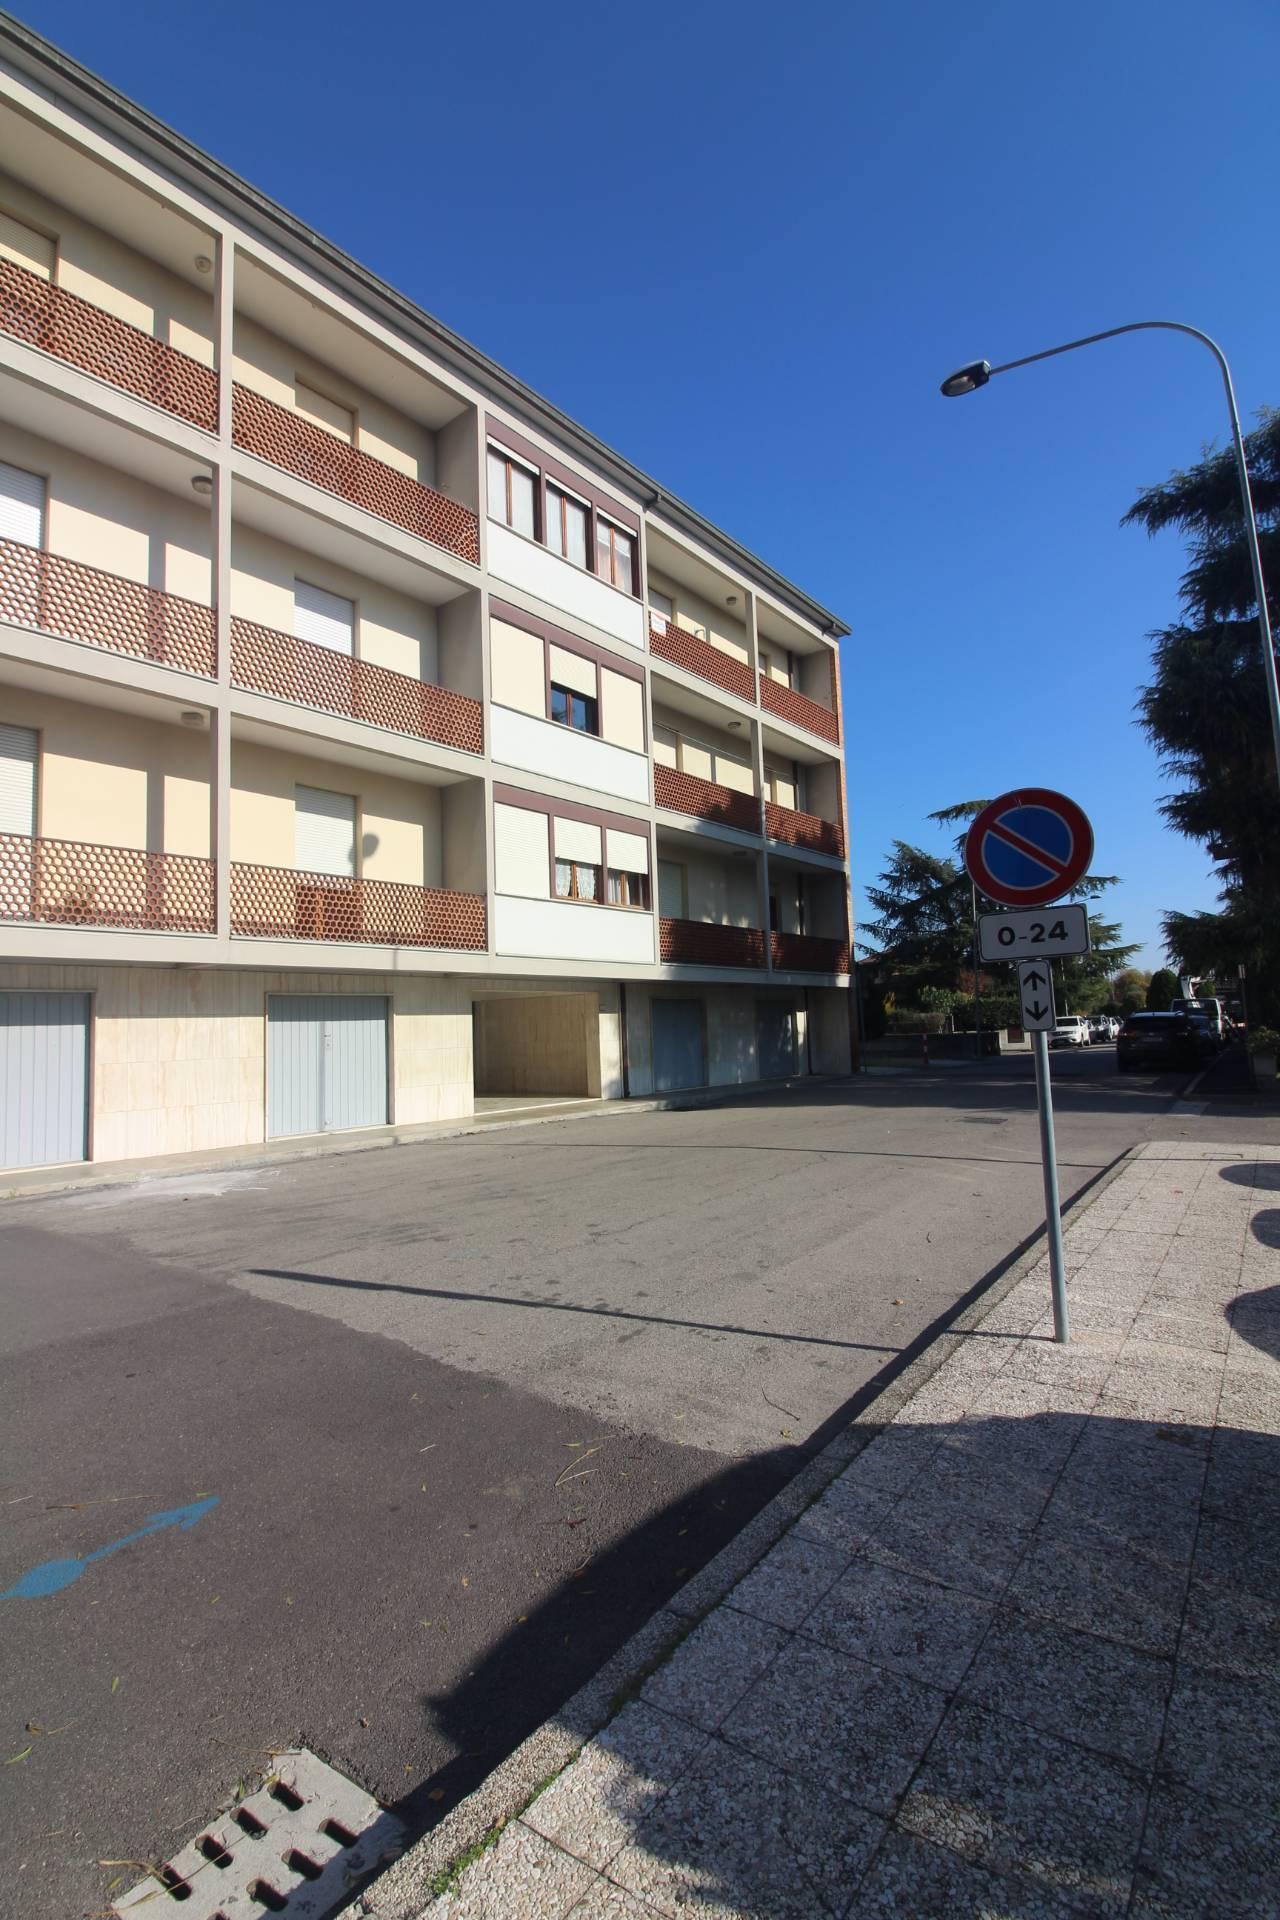 Appartamento in vendita a Argenta, 5 locali, prezzo € 125.000 | CambioCasa.it